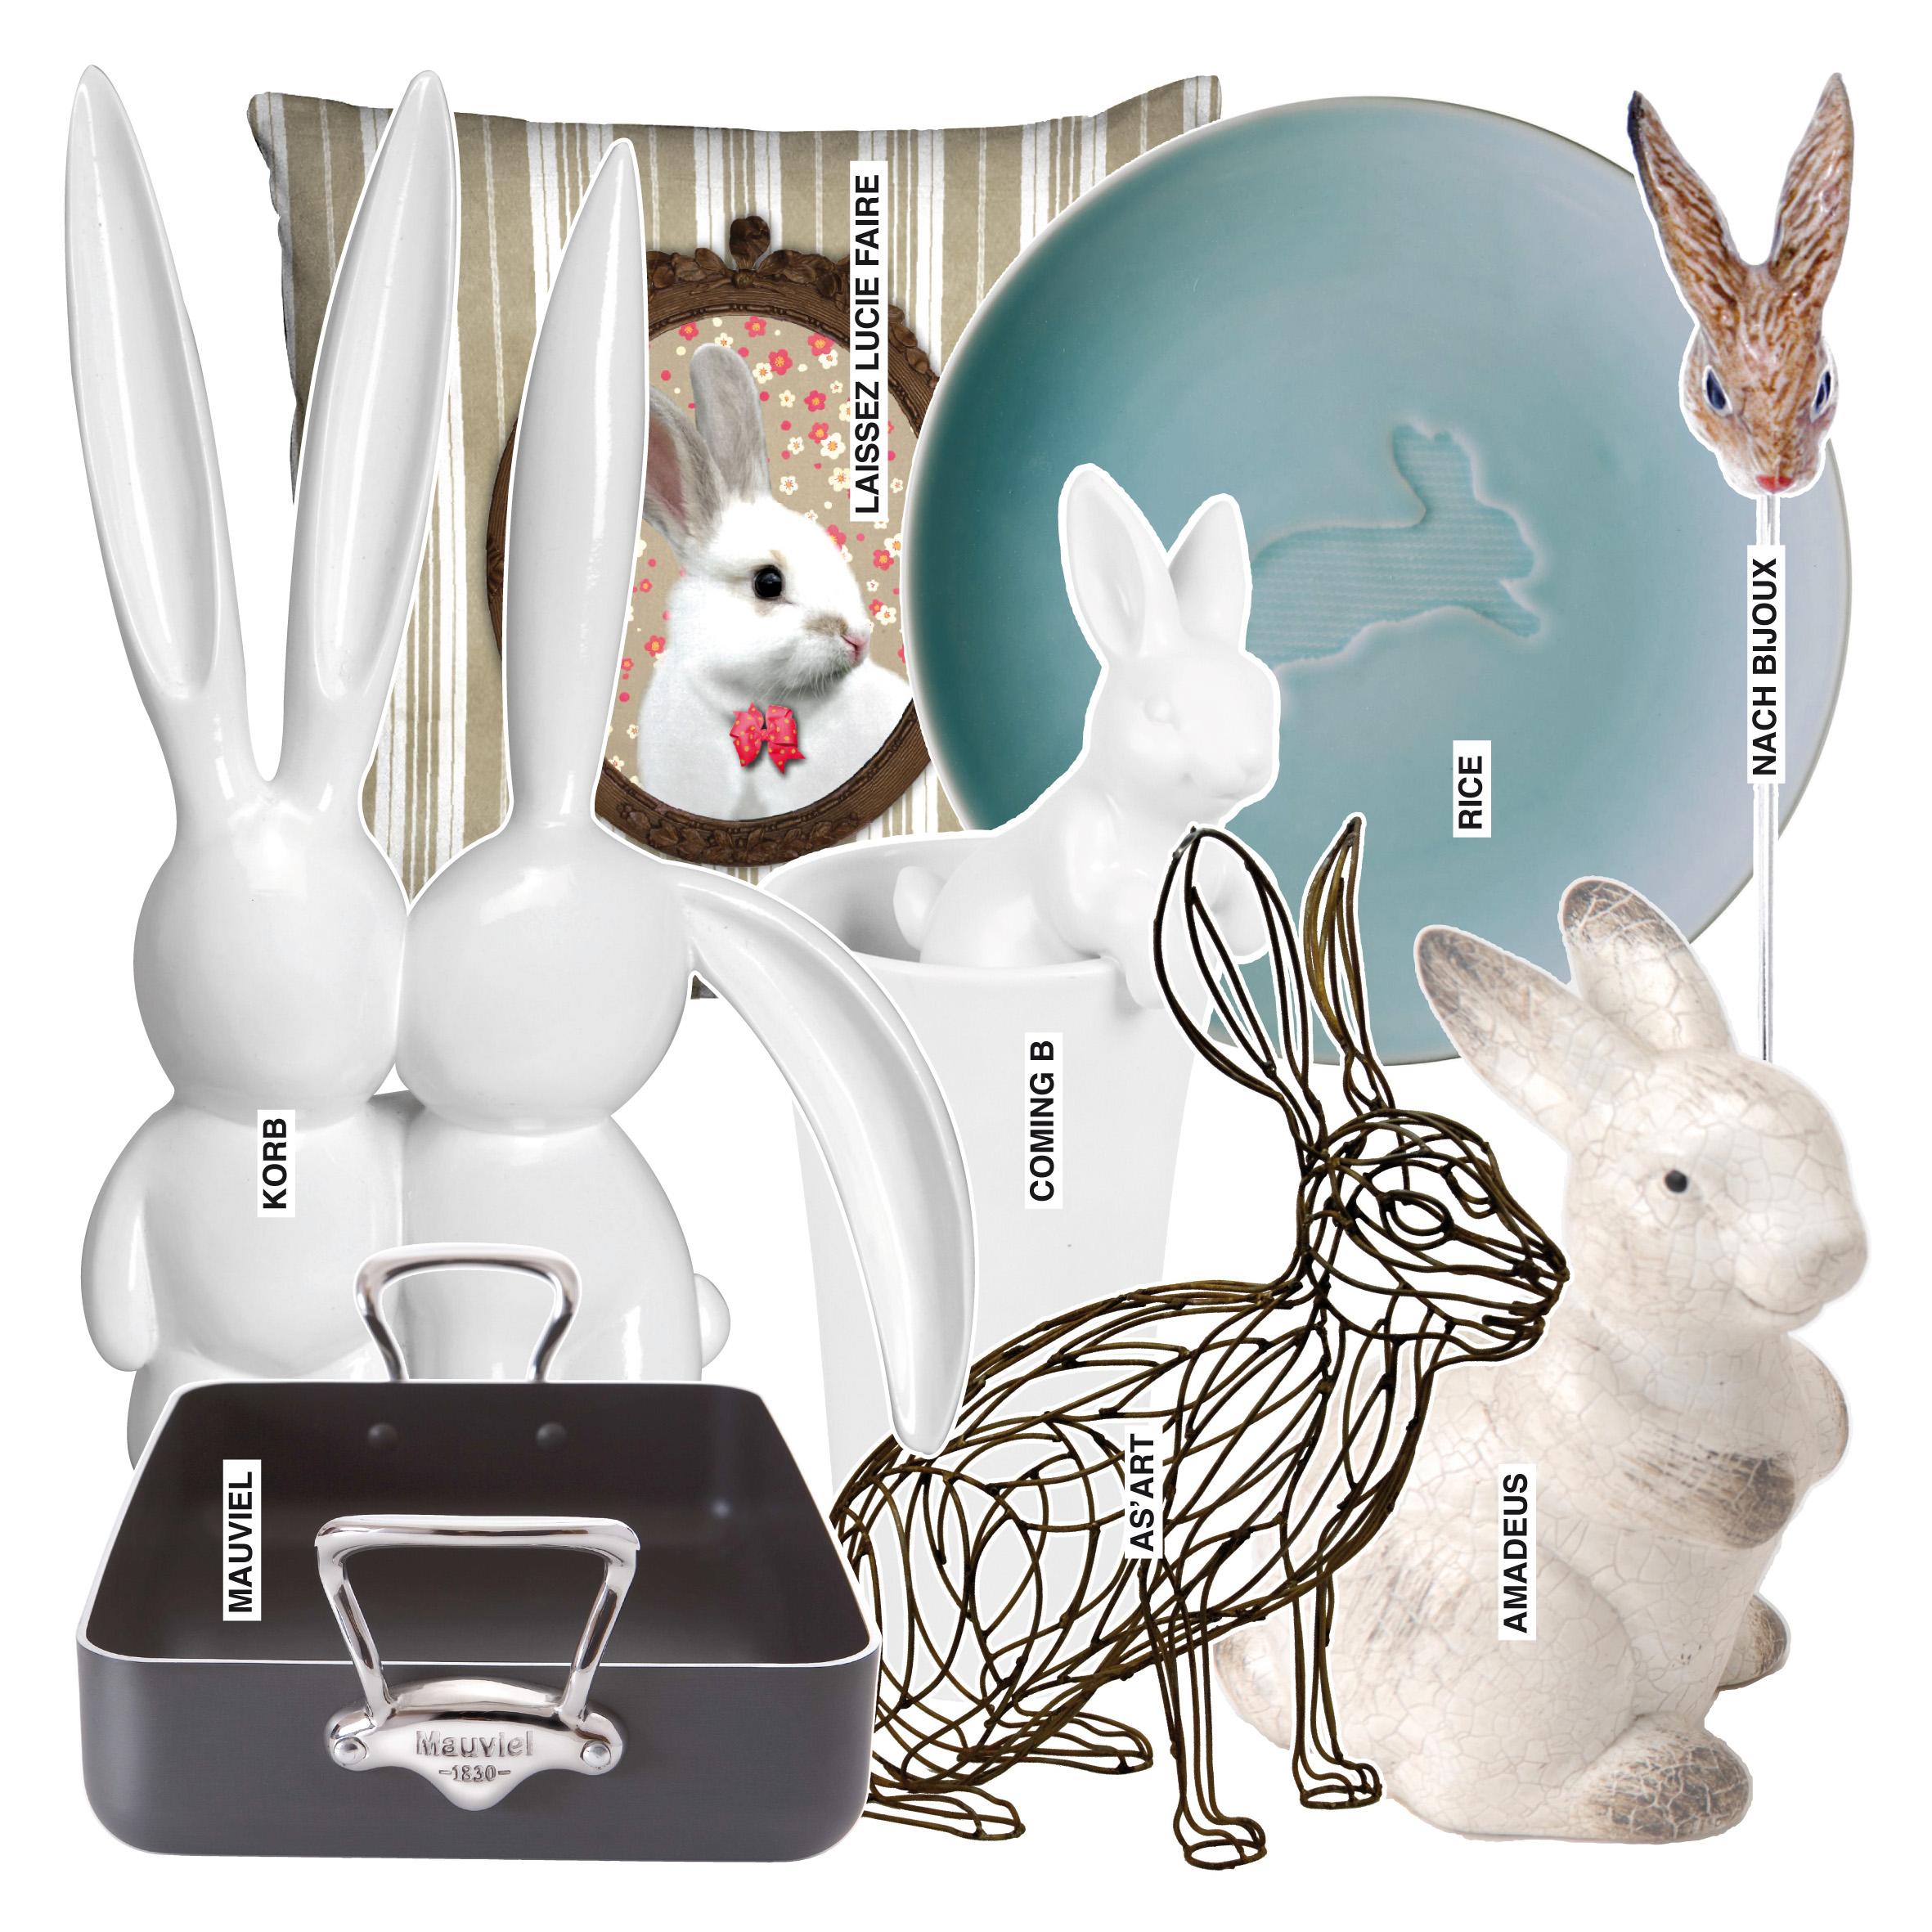 decoration_paques_oeuf_poule_cocotte_lapin-2